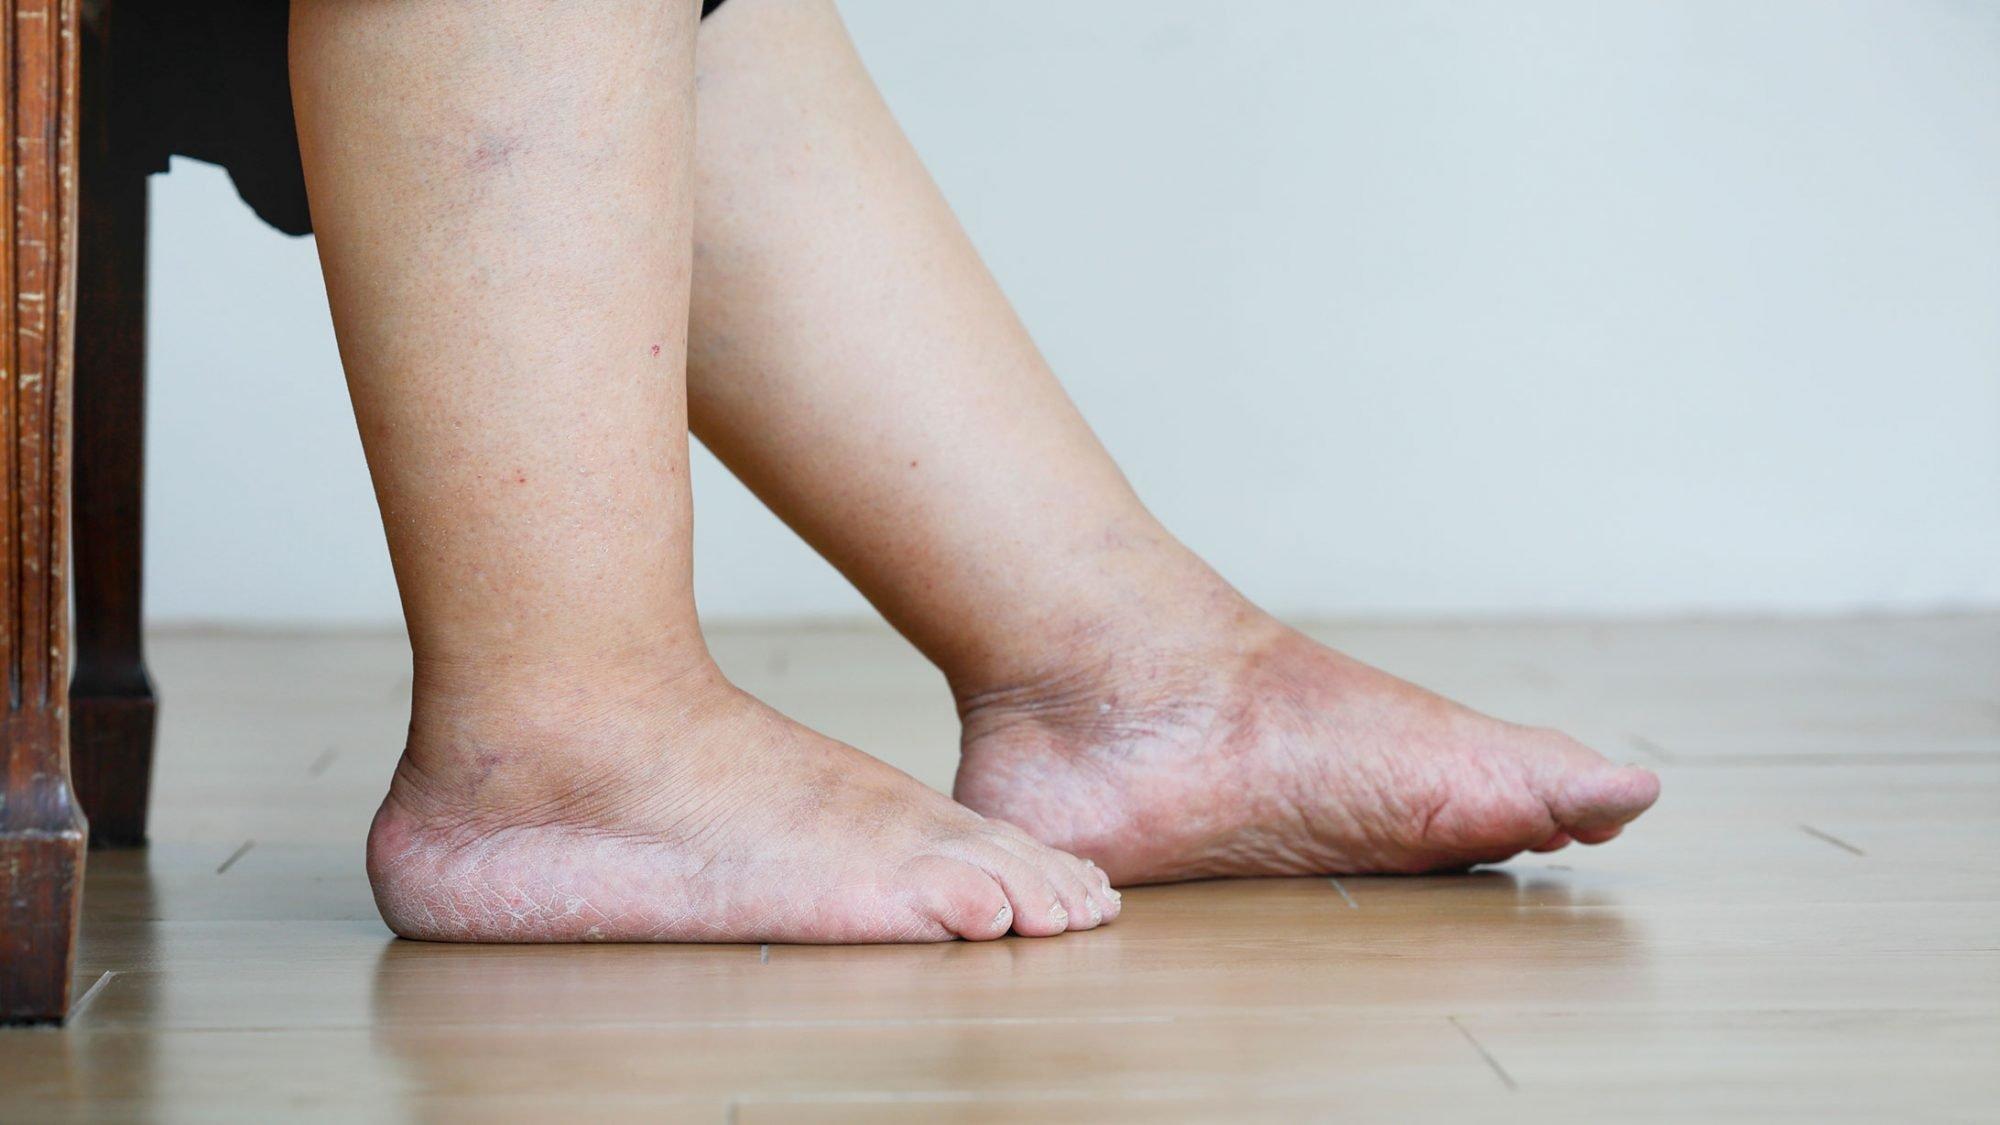 Bild von geschwollenen, schweren Beinen.